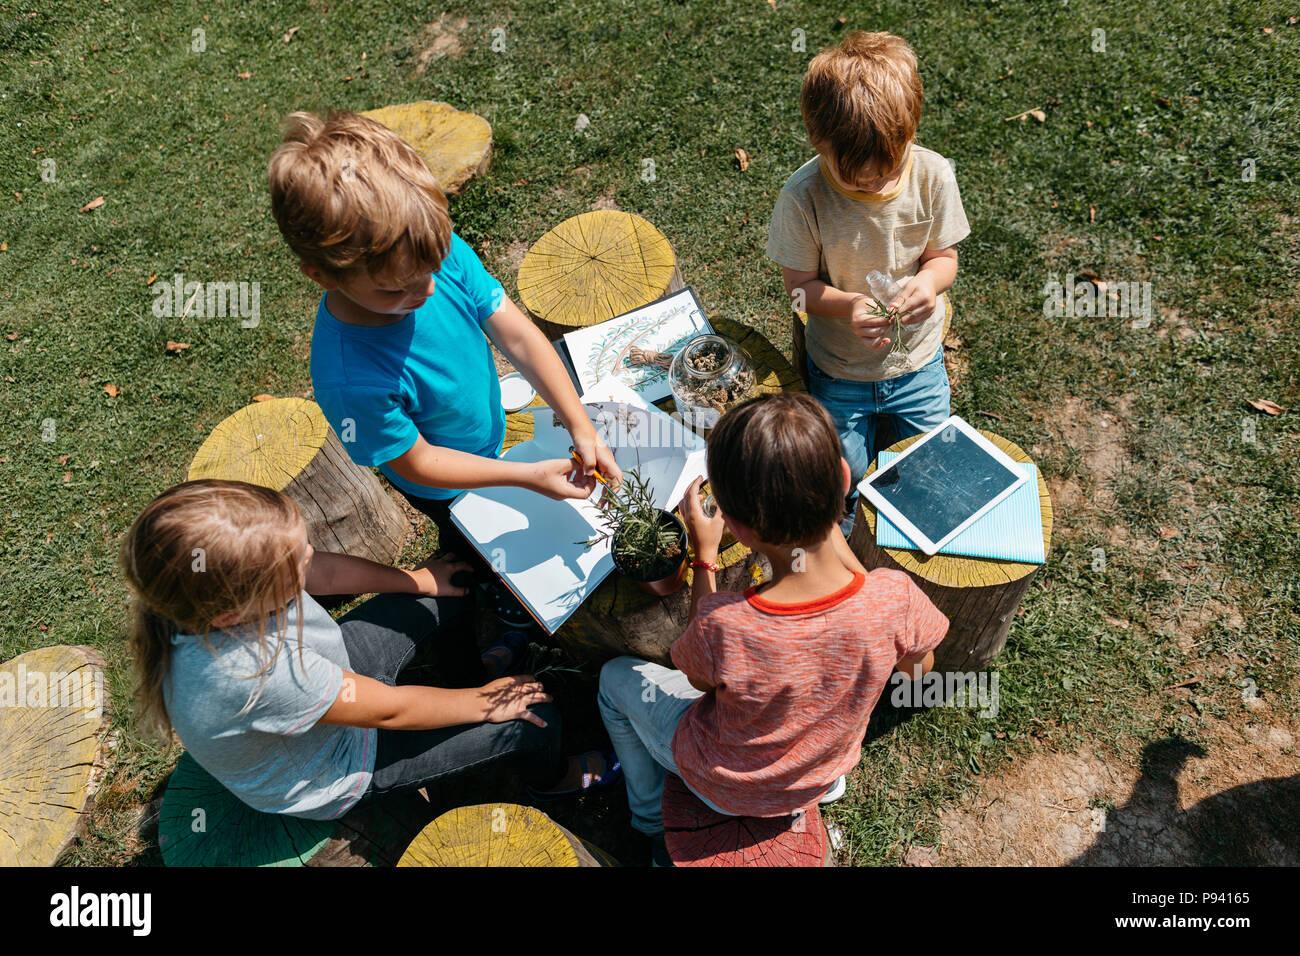 Un gruppo di compagni di scuola imparare insieme a una scienza naturale lezione al di fuori in un giardino. Vista dall'alto di bambini che hanno collaborato su un progetto scolastico. Immagini Stock